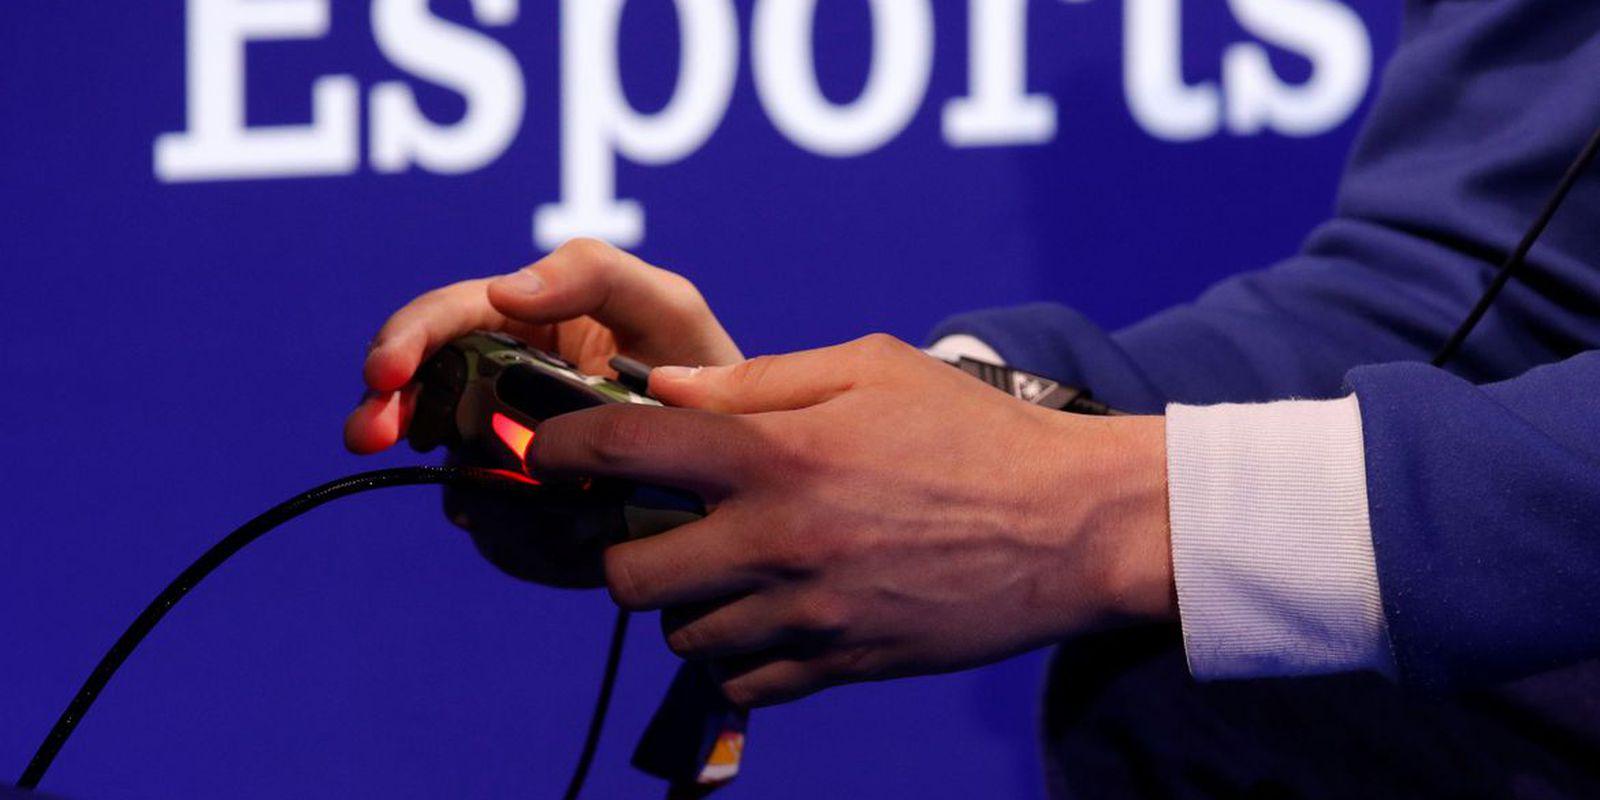 jogos eletrônicos, Esportes, eletrônicos, videogames